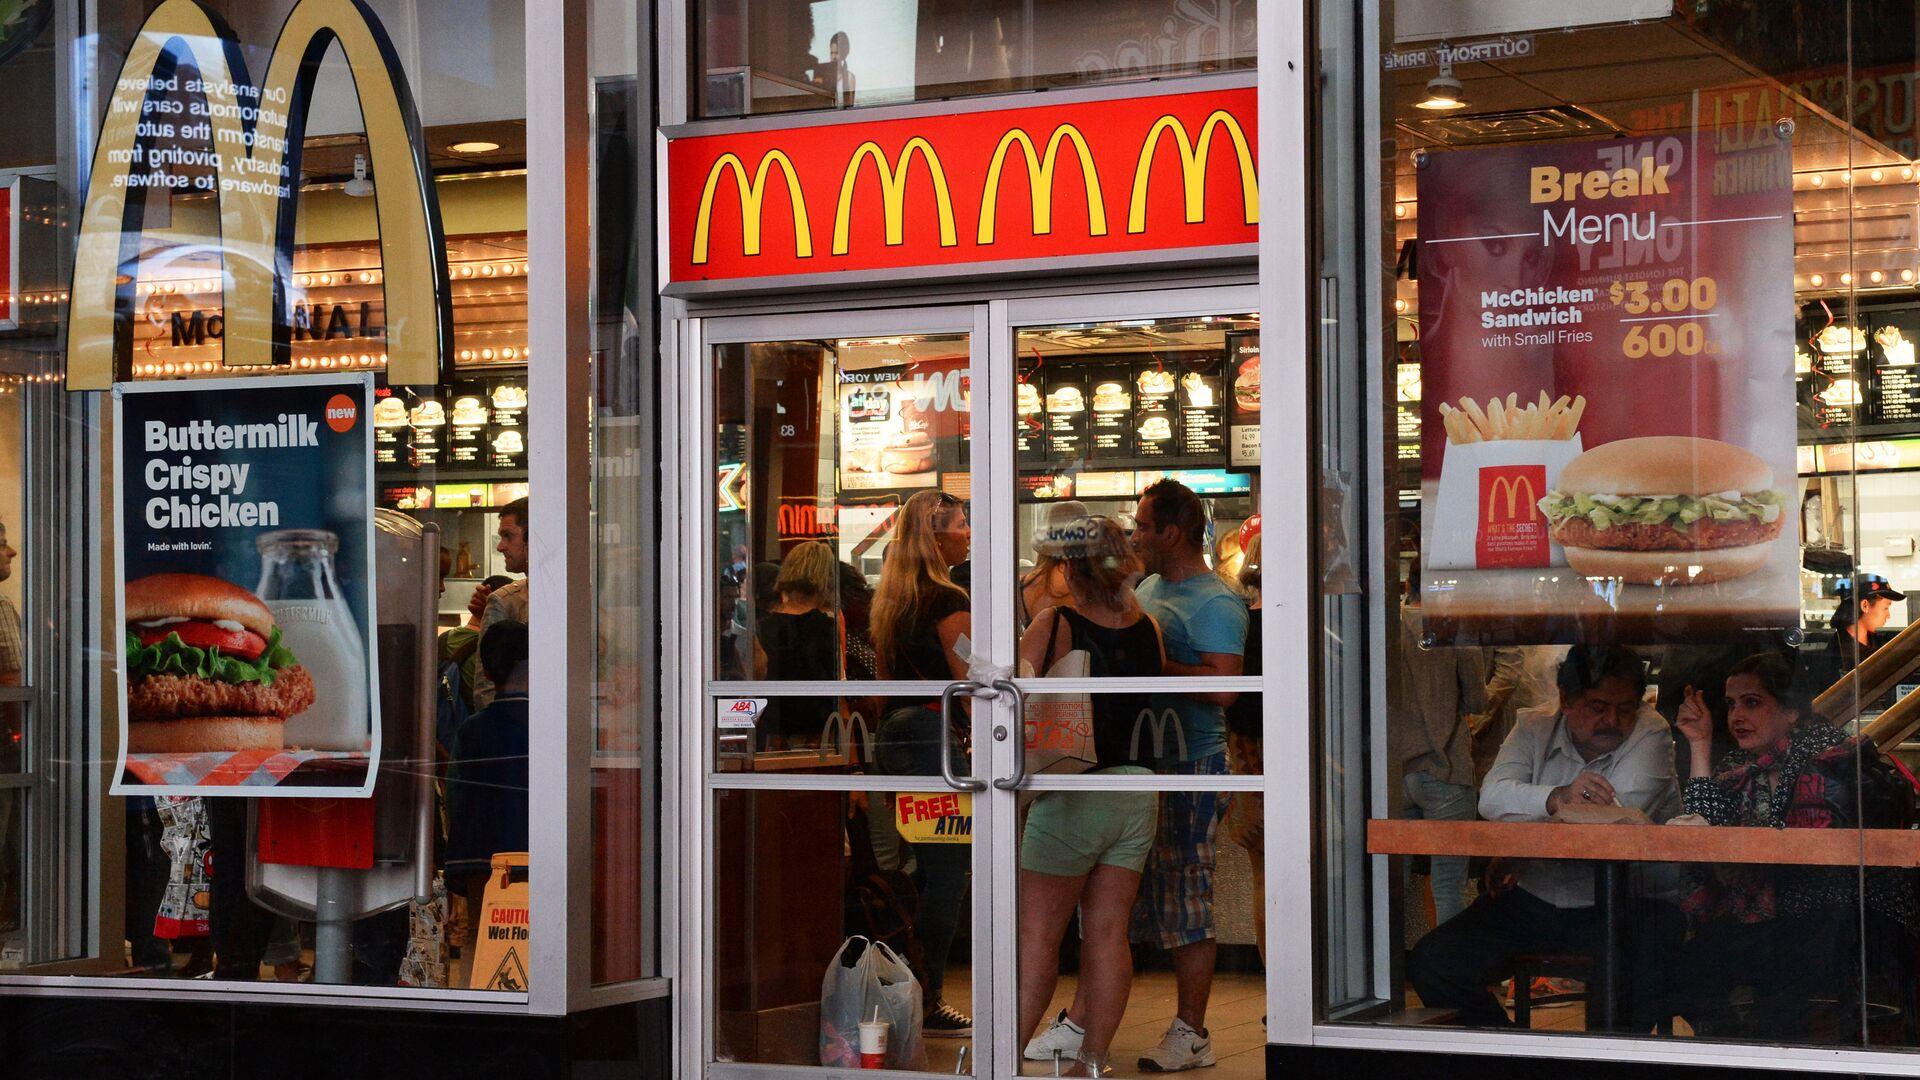 Ресторан быстрого питания Макдоналдс в Нью-Йорке - РИА Новости, 1920, 03.08.2021